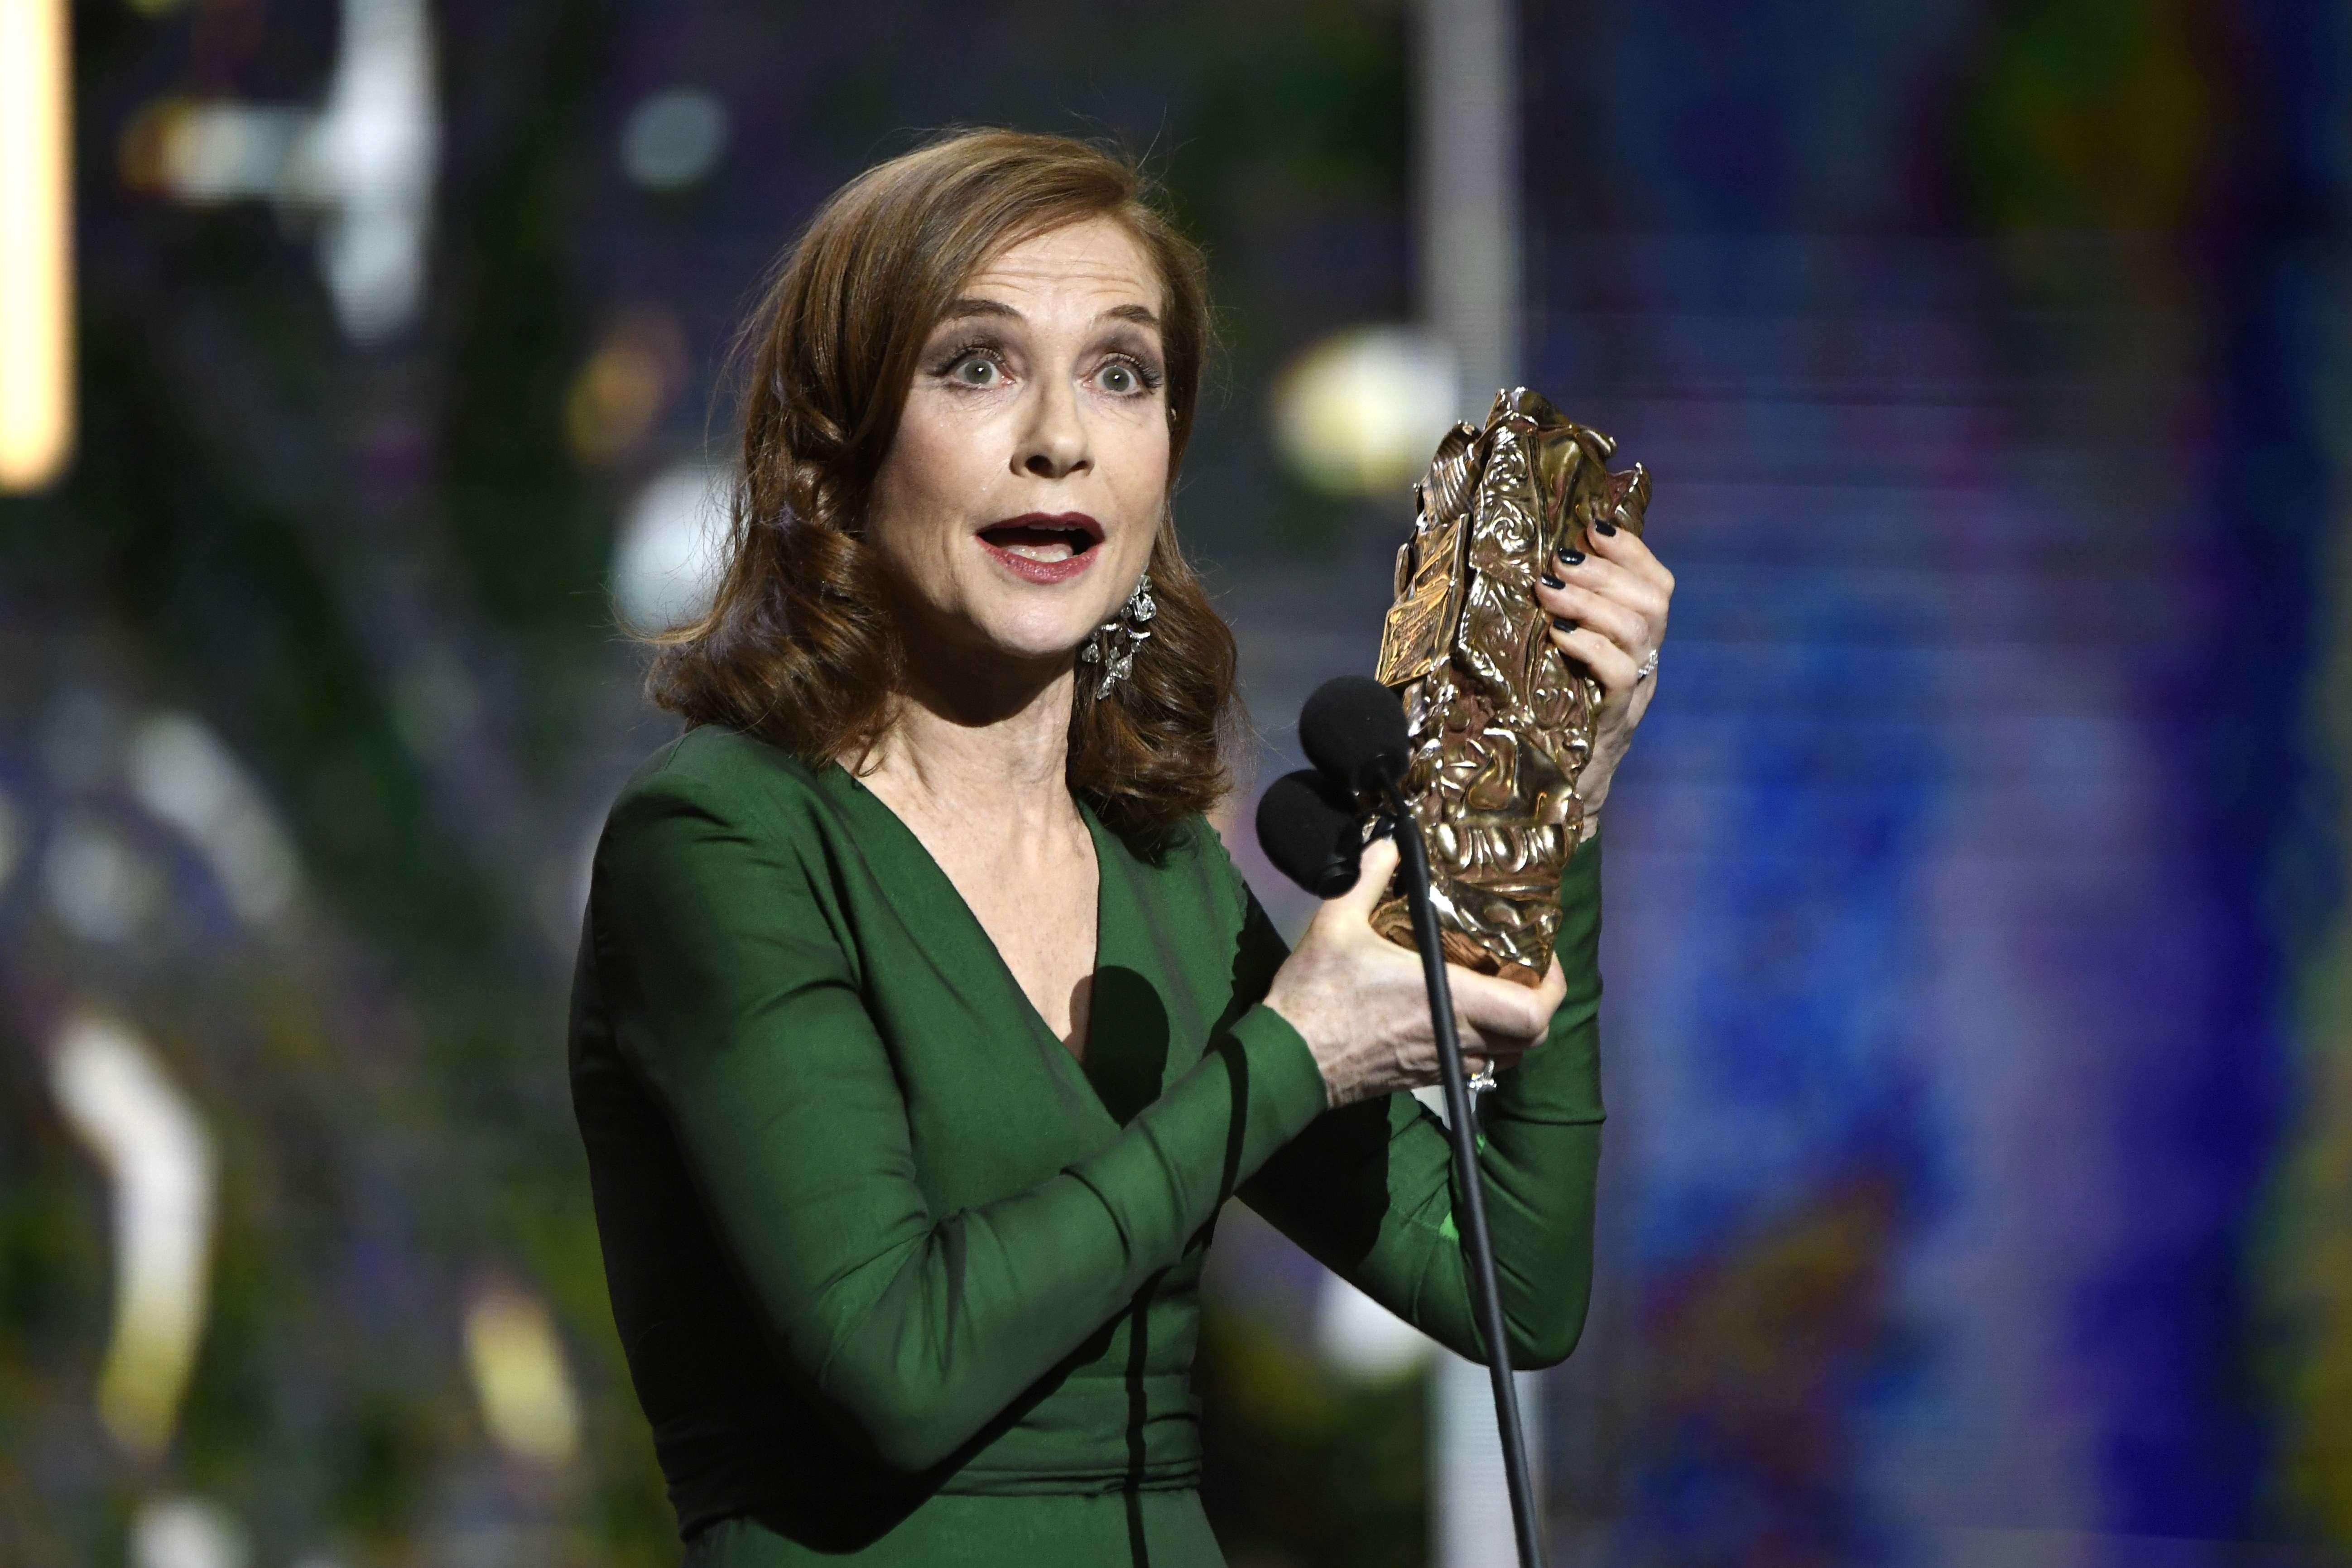 Isabelle Huppert a remporté le César de la meilleure actrice pour son rôle dérangeant de femme violée dans «Elle». «C'est un rôle extraordinaire, complet et complexe, et dans une carrière d'actrice, cela tient à coeur», a-t-elle déclaré après la cérémonie.